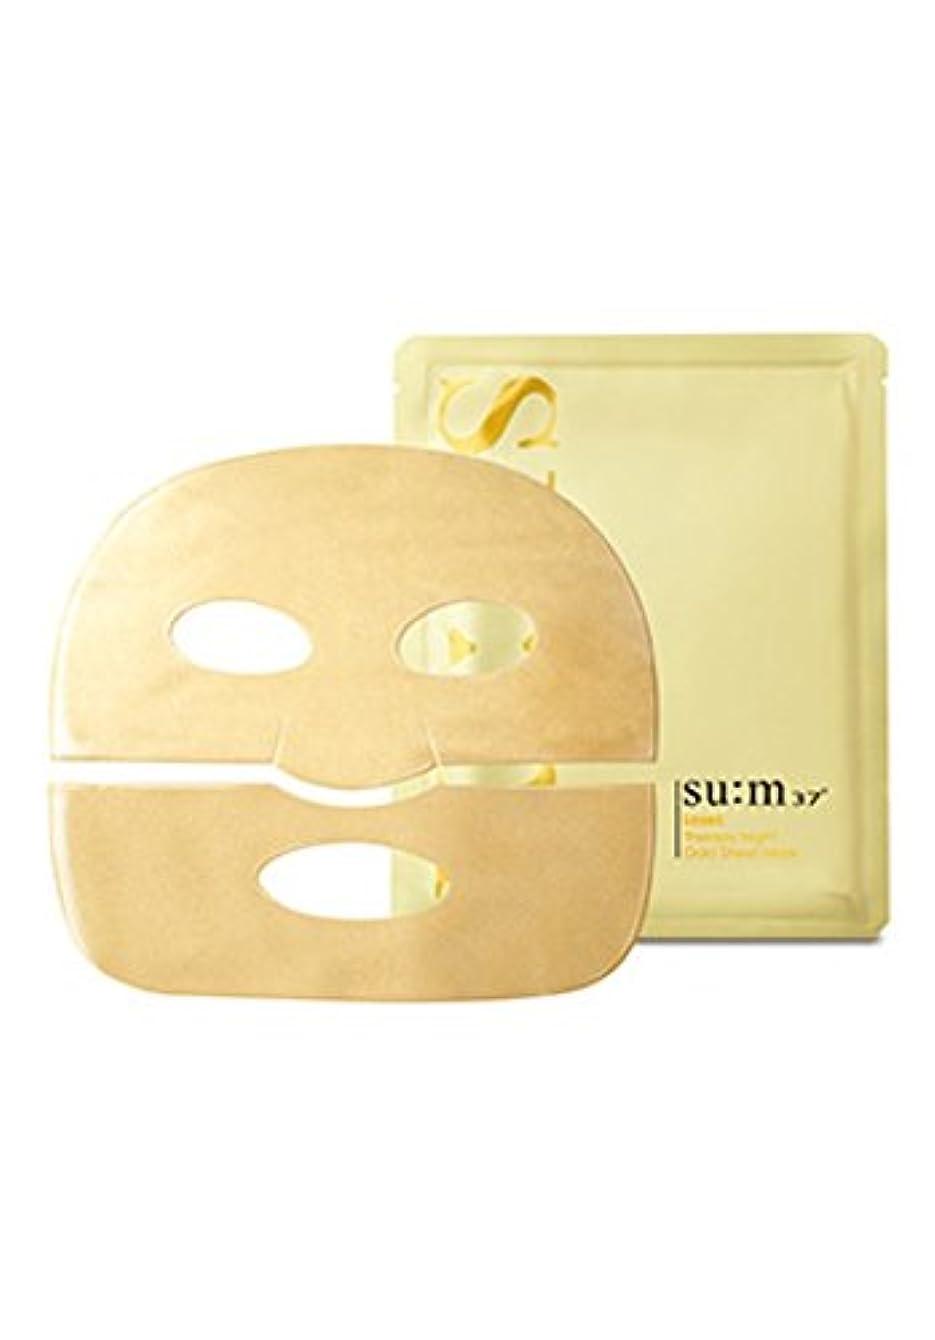 タヒチ肺寝室su:m37° Losec Therapy Night Gold Sheet Mask 7Sheets/スム37° ロセック セラピー ナイト ゴールド シートマスク 7枚